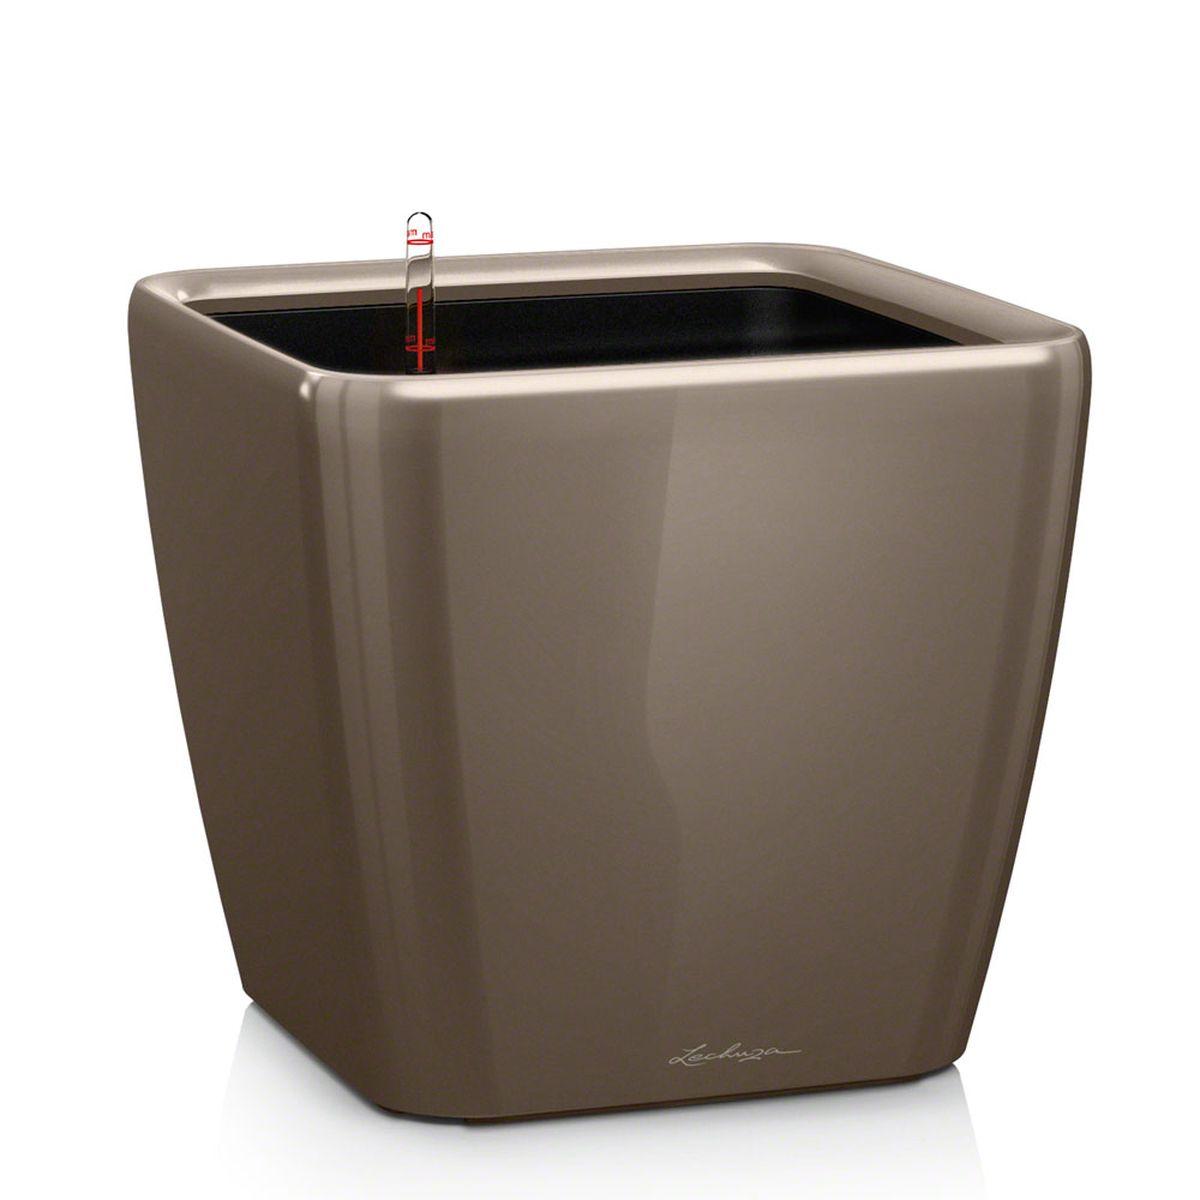 Кашпо Lechuza Quadro, с системой автополива, цвет: серо-коричневый, 21 х 21 х 20 см16125Кашпо Lechuza Quadro, выполненное из высококачественного пластика, имеет уникальную систему автополива, благодаря которой корневая система растения непрерывно снабжается влагой из резервуара. Уровень воды в резервуаре контролируется с помощью специального индикатора. В зависимости от размера кашпо и растения воды хватает на 2-12 недель. Это способствует хорошему росту цветов и предотвращает переувлажнение.В набор входит: кашпо, внутренний горшок с выдвижной эргономичной ручкой, индикатор уровня воды, вал подачи воды, субстрат растений в качестве дренажного слоя, резервуар для воды.Кашпо Lechuza Quadro прекрасно впишется в любой интерьер. Оно поможет расставить нужные акценты, а также придаст помещению вид, соответствующий вашим представлениям.